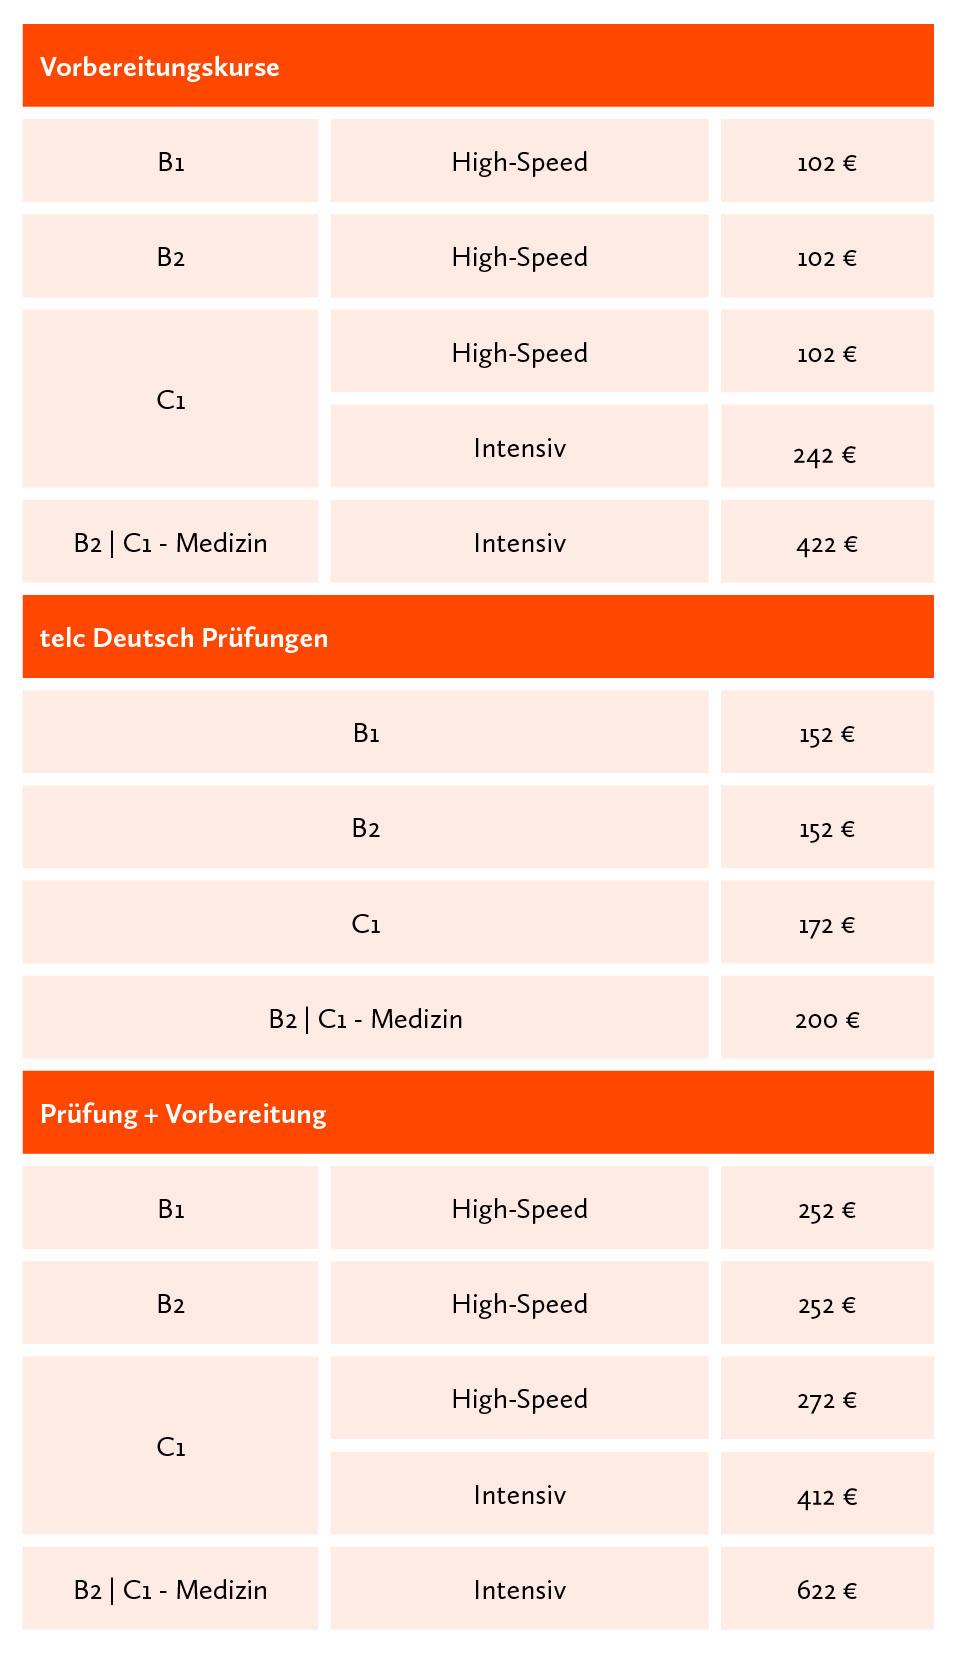 prfung telc deutsch b2 in berlin - B2 Prufung Beispiel